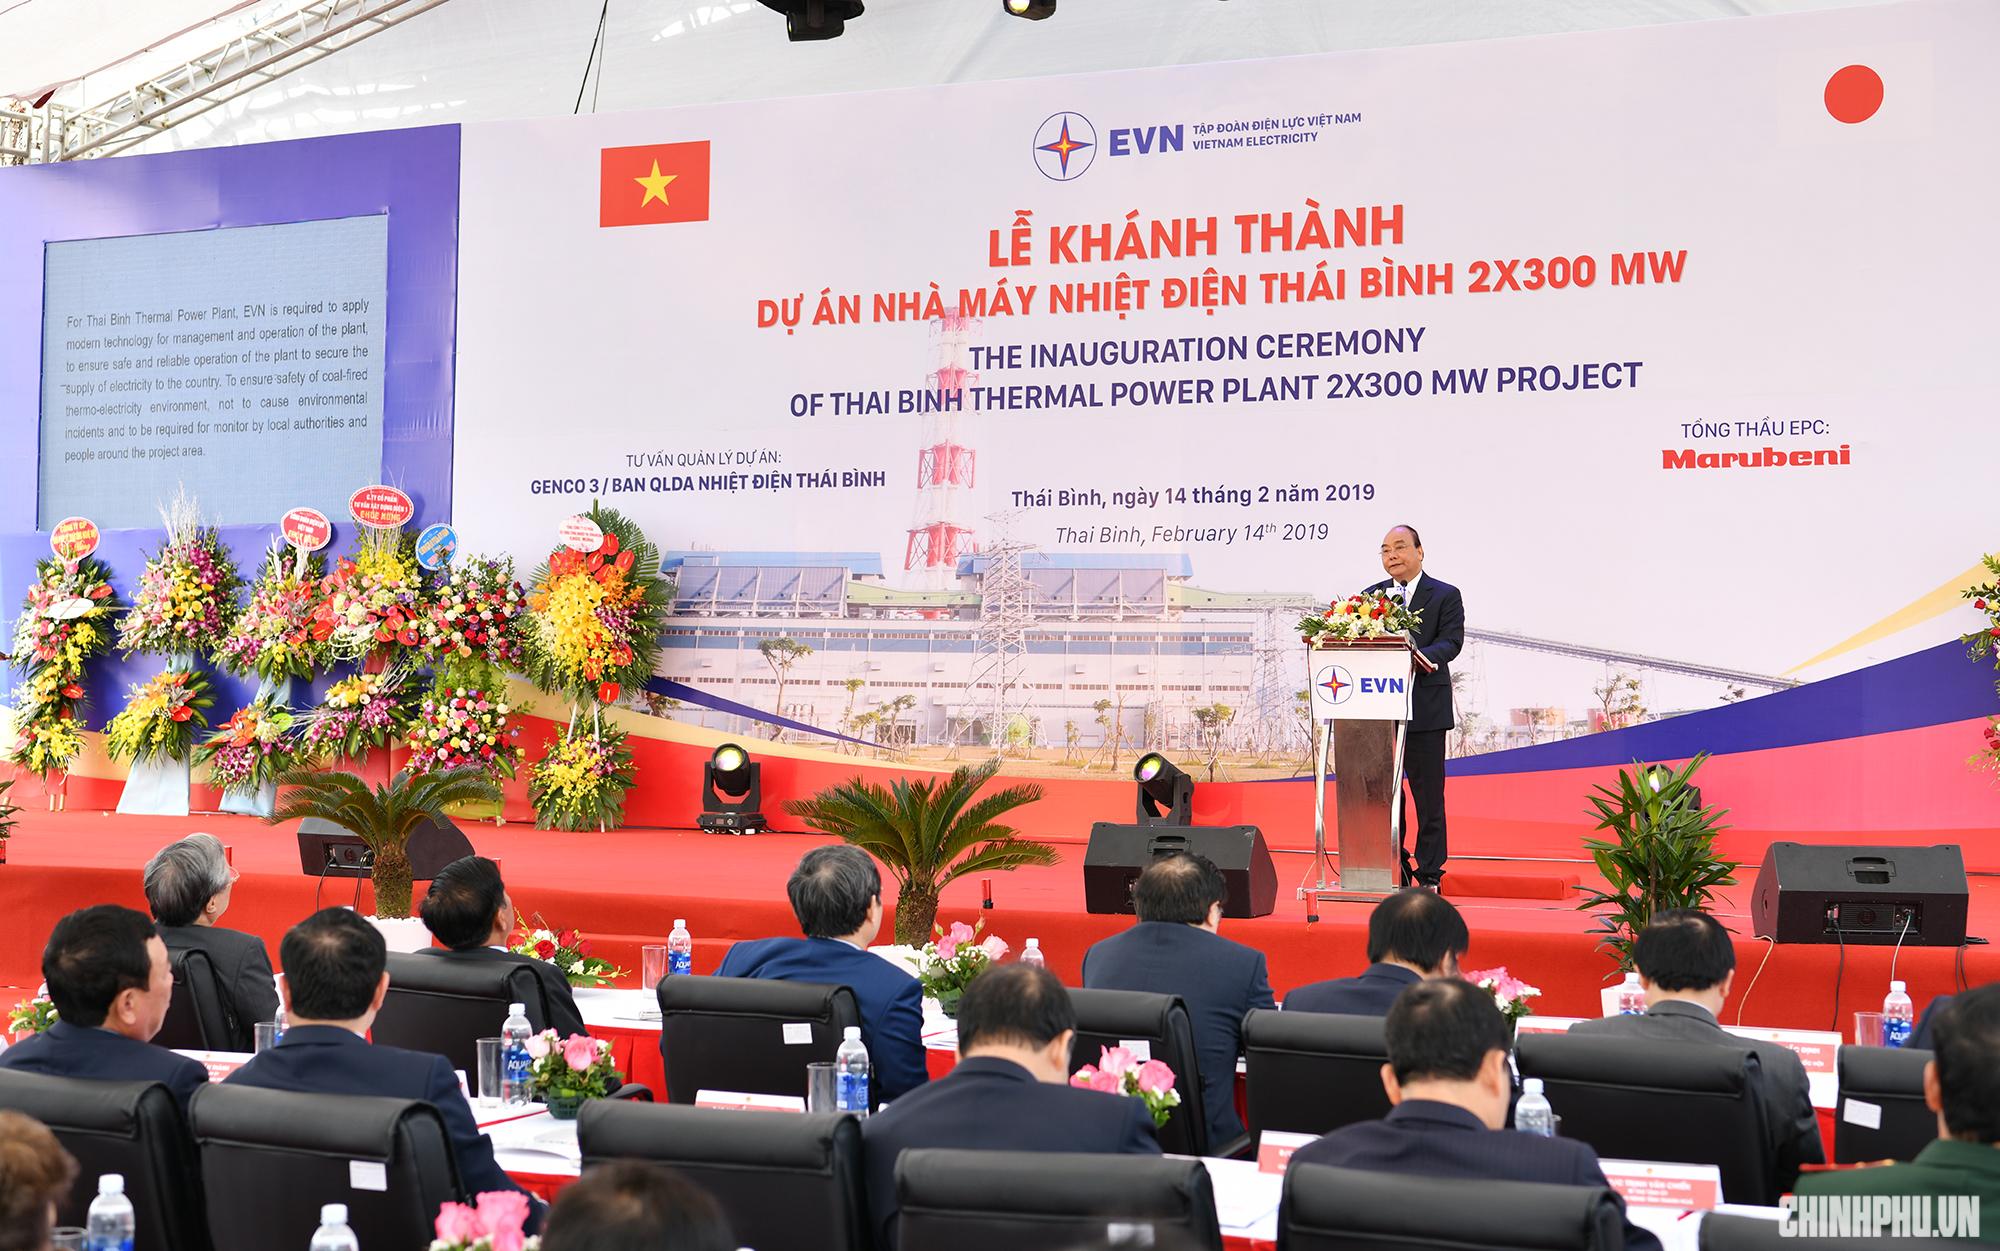 Thủ tướng cắt băng khánh thành nhà máy nhiệt điện 1,27 tỷ USD tại Thái Bình